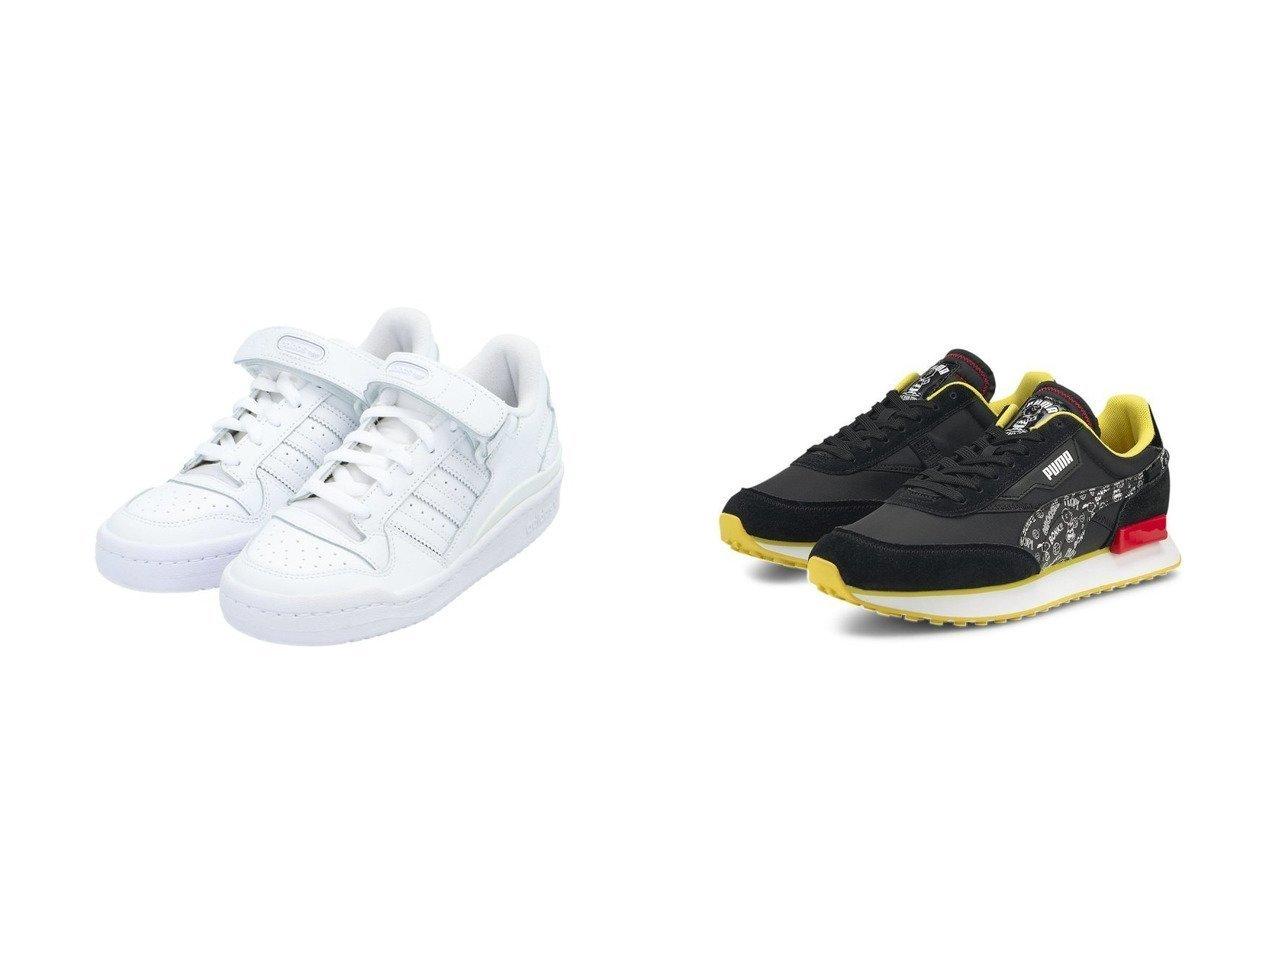 【PUMA/プーマ】のPUMA x PEANUTS フューチャー ライダー ユニセックス スニーカー&【adidas Originals/アディダス オリジナルス】のフォーラム ロー Forum Low アディダスオリジナルス 【シューズ・靴】おすすめ!人気トレンド・レディースファッションの通販  おすすめで人気の流行・トレンド、ファッションの通販商品 メンズファッション・キッズファッション・インテリア・家具・レディースファッション・服の通販 founy(ファニー) https://founy.com/ ファッション Fashion レディースファッション WOMEN アクセサリー 春 Spring キャラクター クラシック グラフィック コレクション シューズ スニーカー スポーティ スリッポン 2021年 2021 S/S・春夏 SS・Spring/Summer 2021春夏・S/S SS/Spring/Summer/2021 NEW・新作・新着・新入荷 New Arrivals スポーツ ミックス ラップ レース 人気 |ID:crp329100000029628